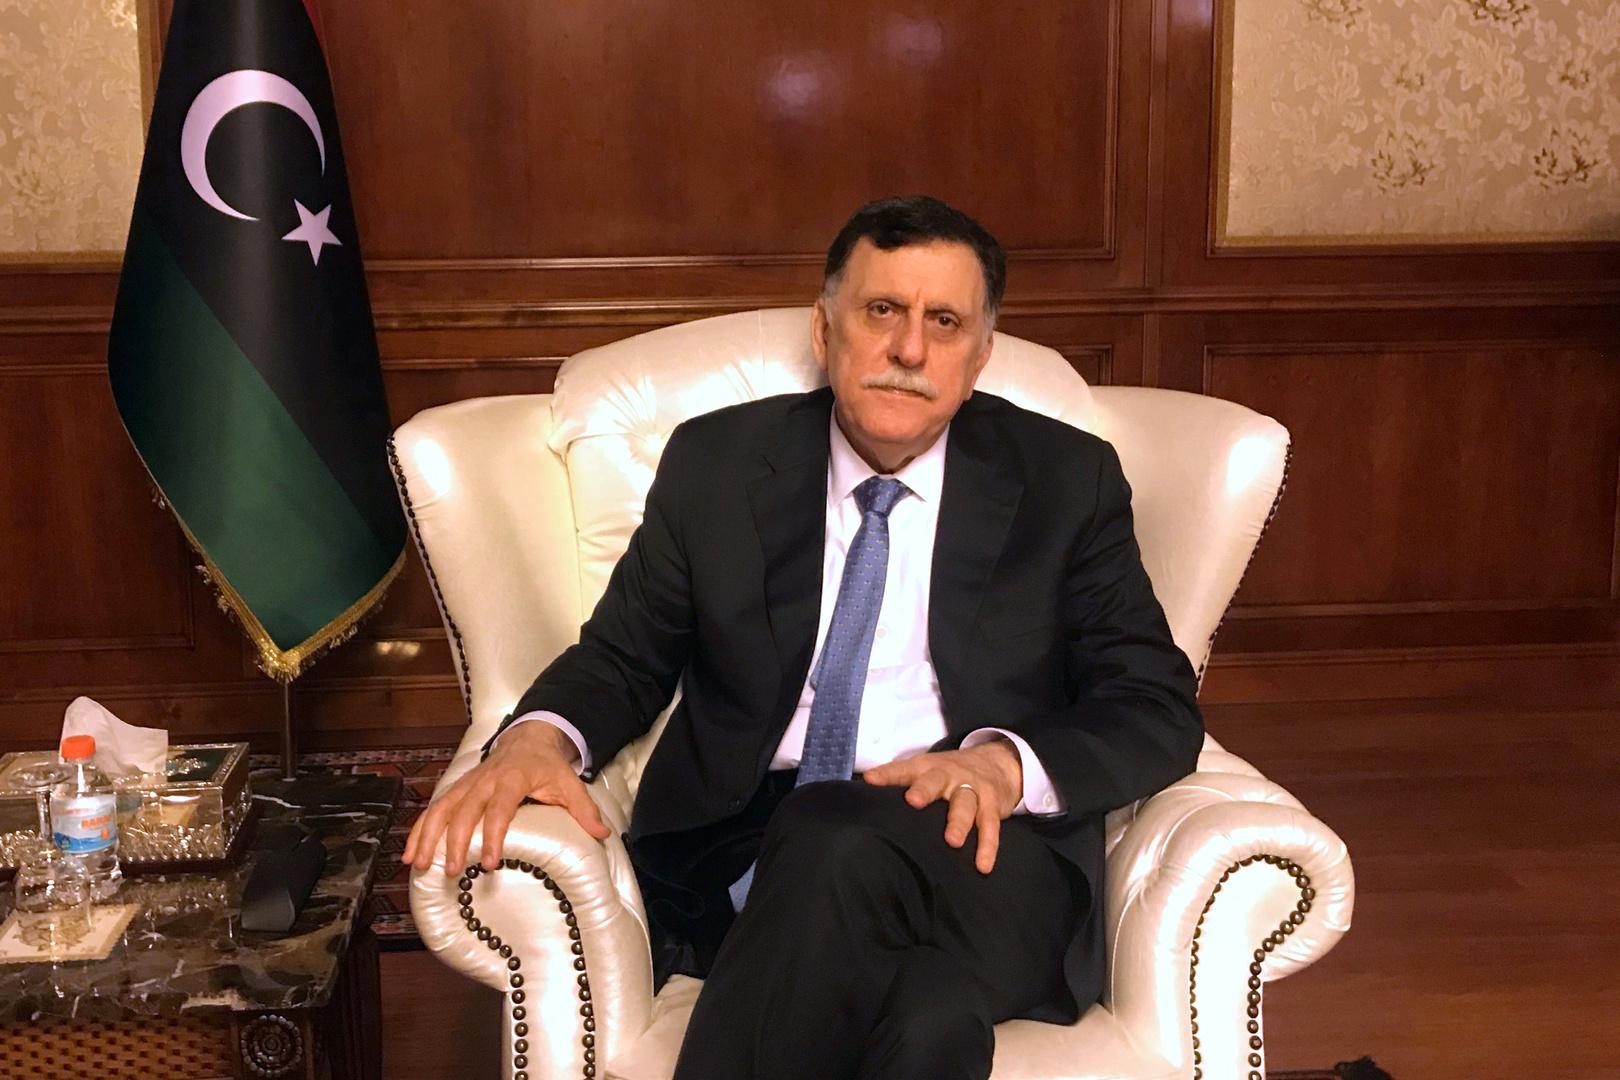 المجلس الأعلى للدولة في ليبيا يدعو السراج لمواصلة أداء مهامه قبل اختيار خلف له